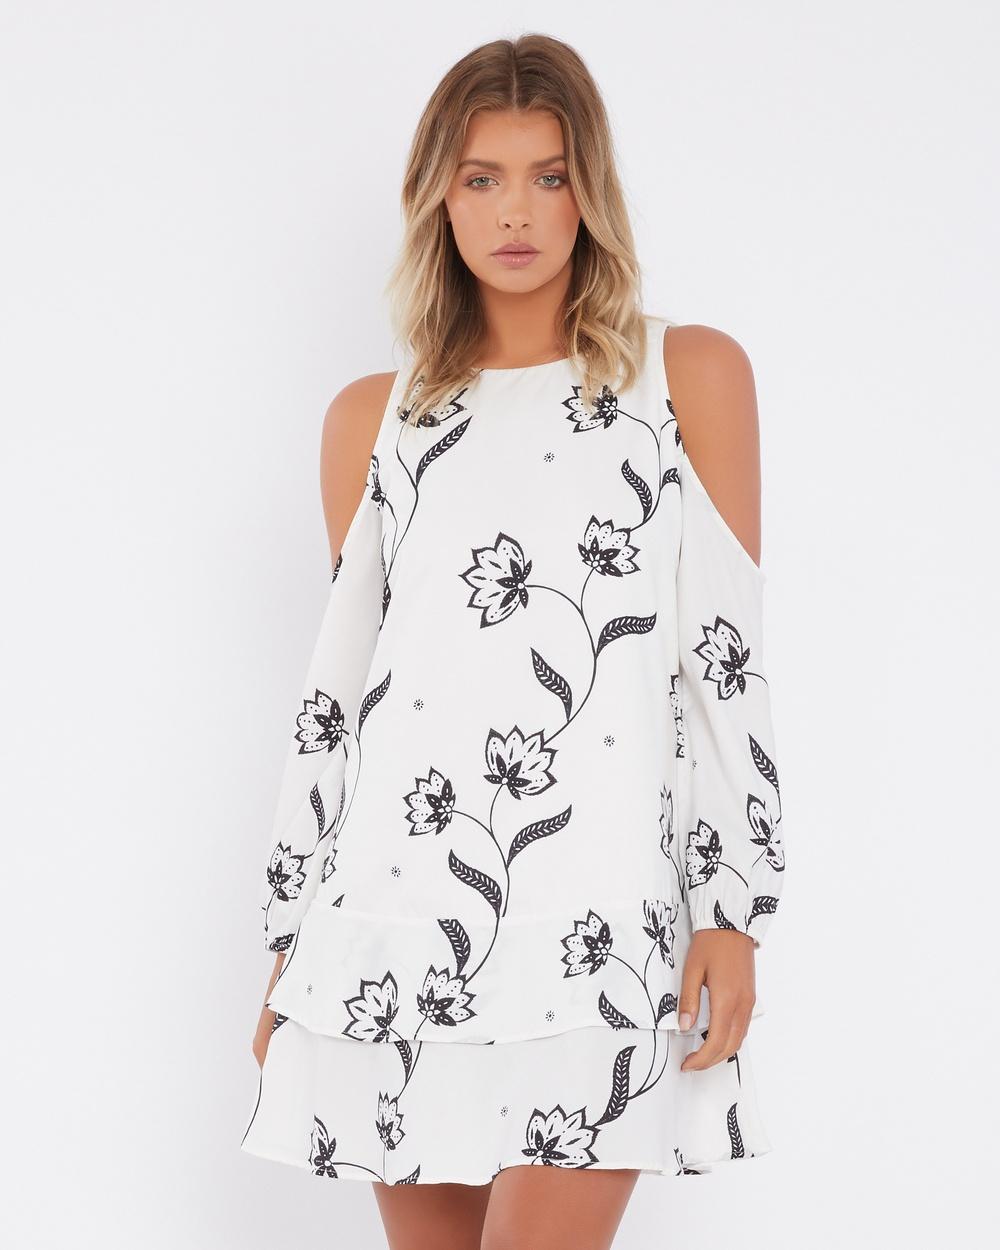 Calli Chairete Cold Shoulder Shift Dress Printed Dresses Milly Floral Print Chairete Cold Shoulder Shift Dress